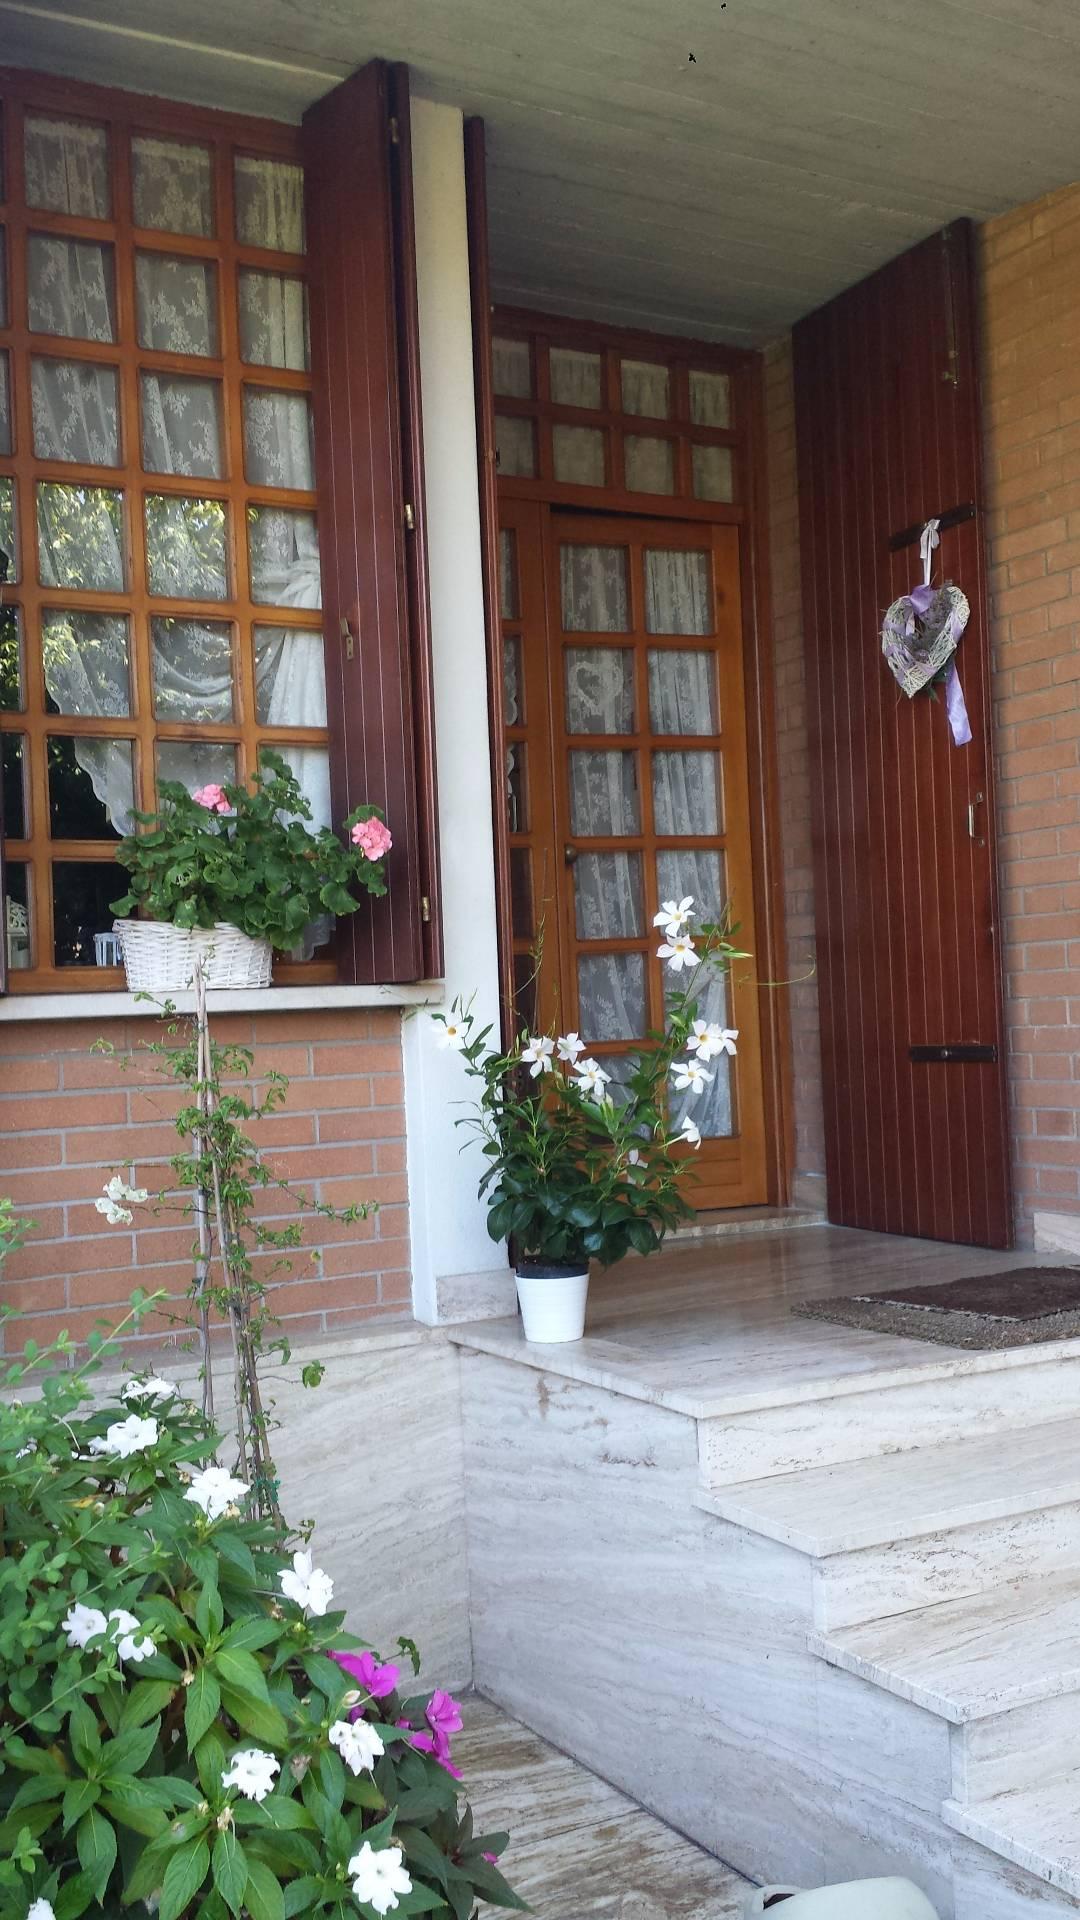 Villa in vendita a Silea, 8 locali, zona Località: Centro, prezzo € 398.000 | CambioCasa.it